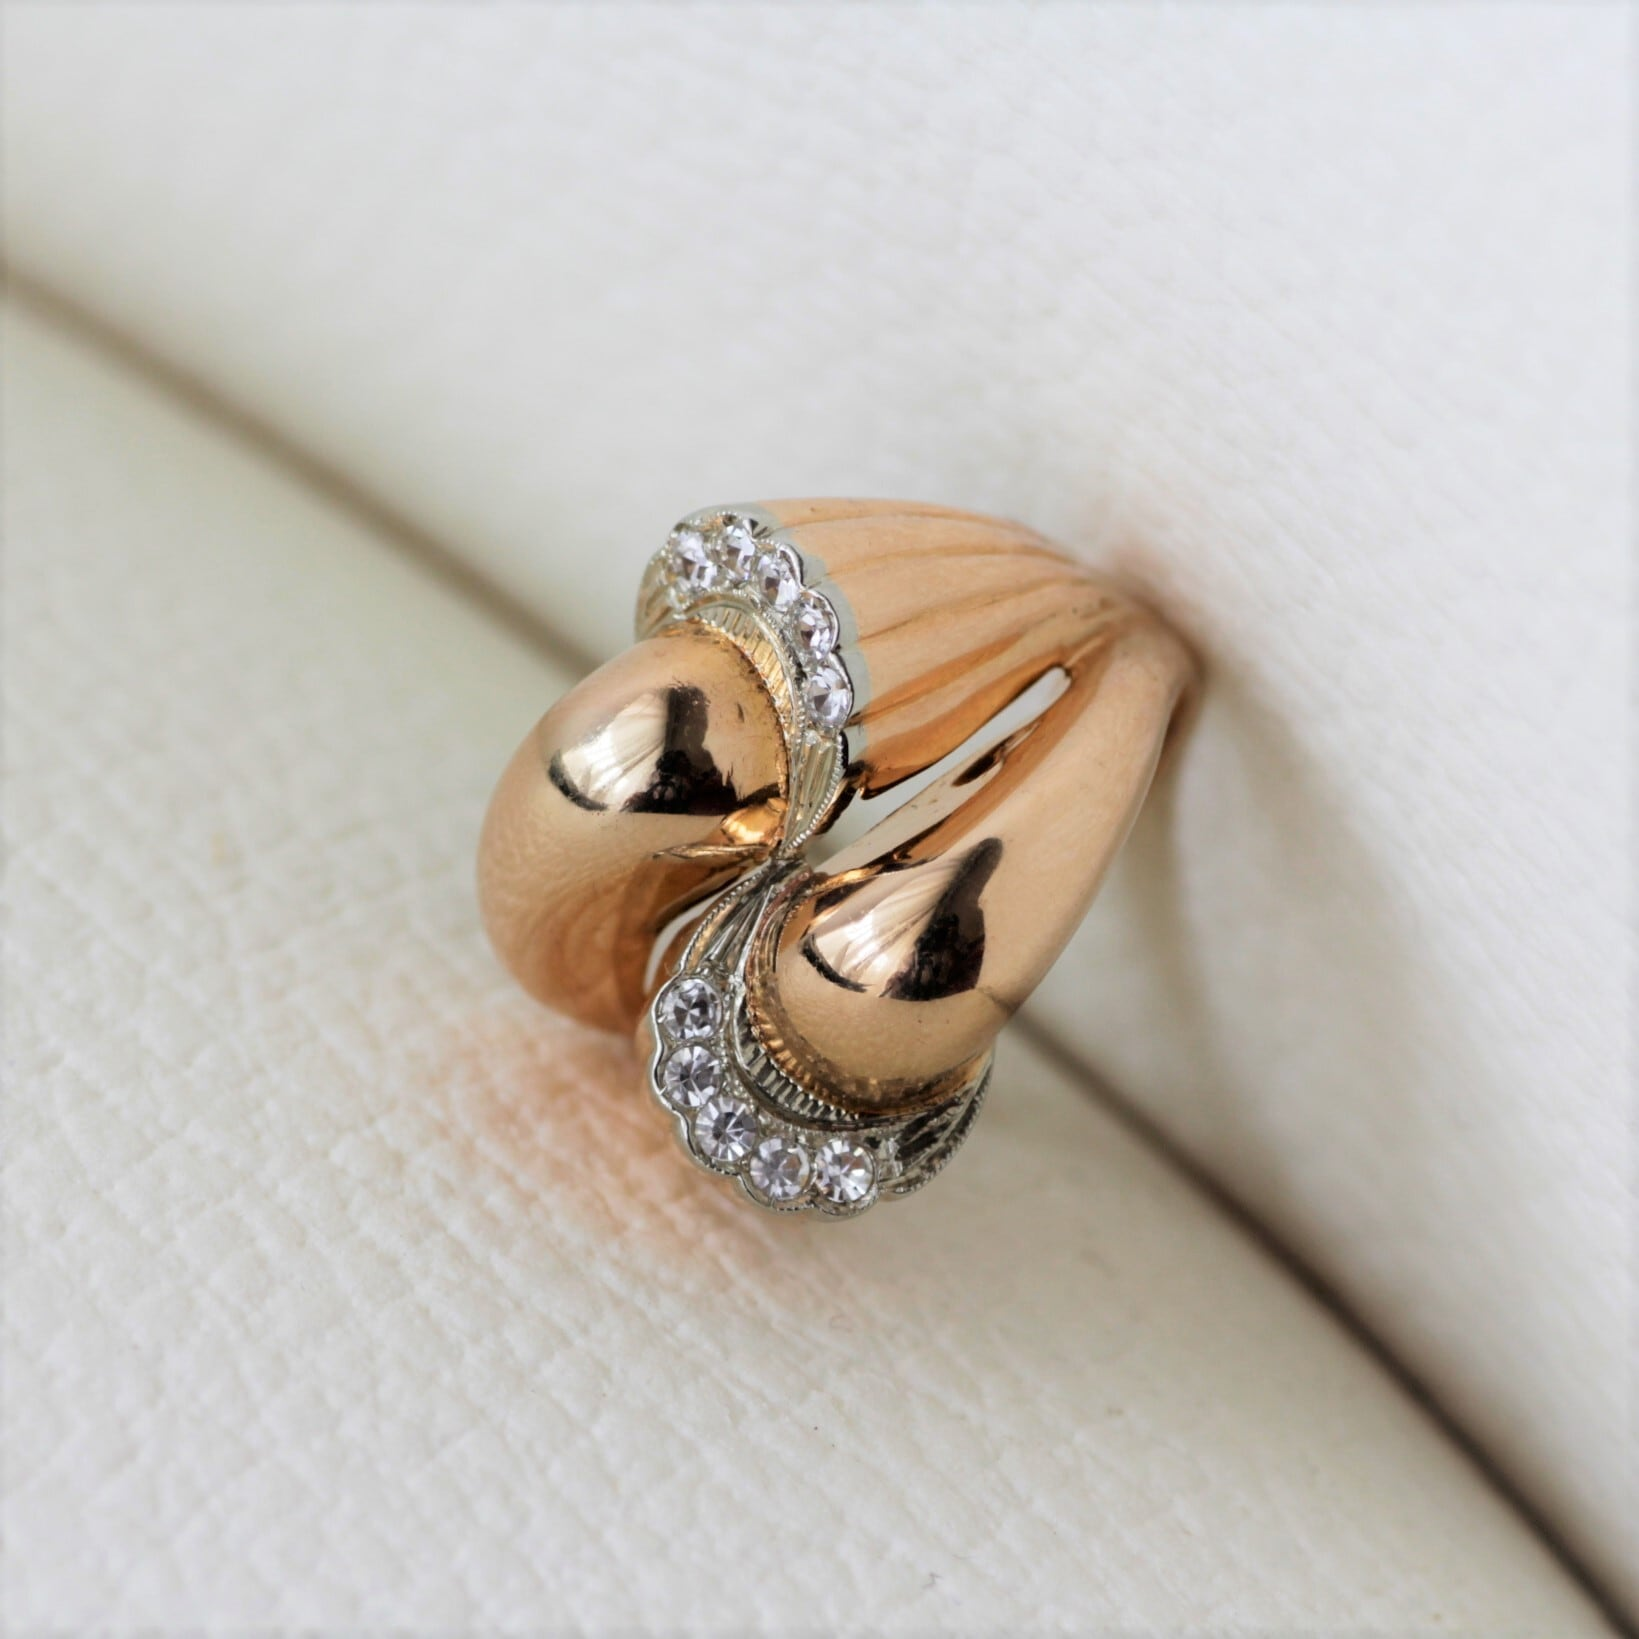 Gold & Diamond Cocktail Ring ゴールド&ダイヤモンド カクテルリング